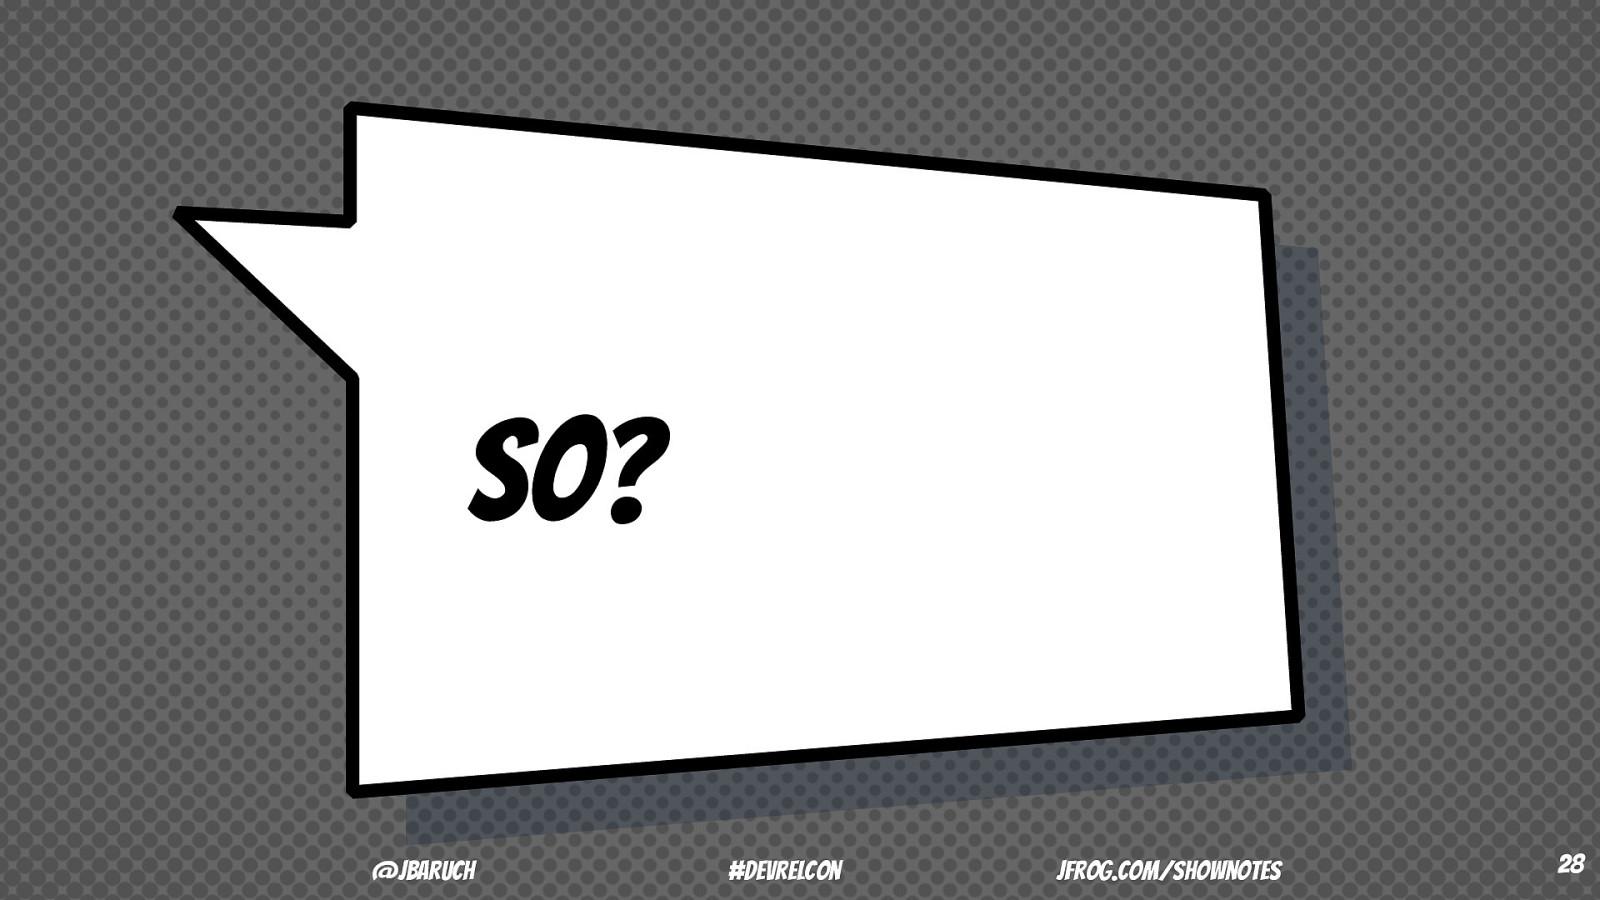 Slide 28